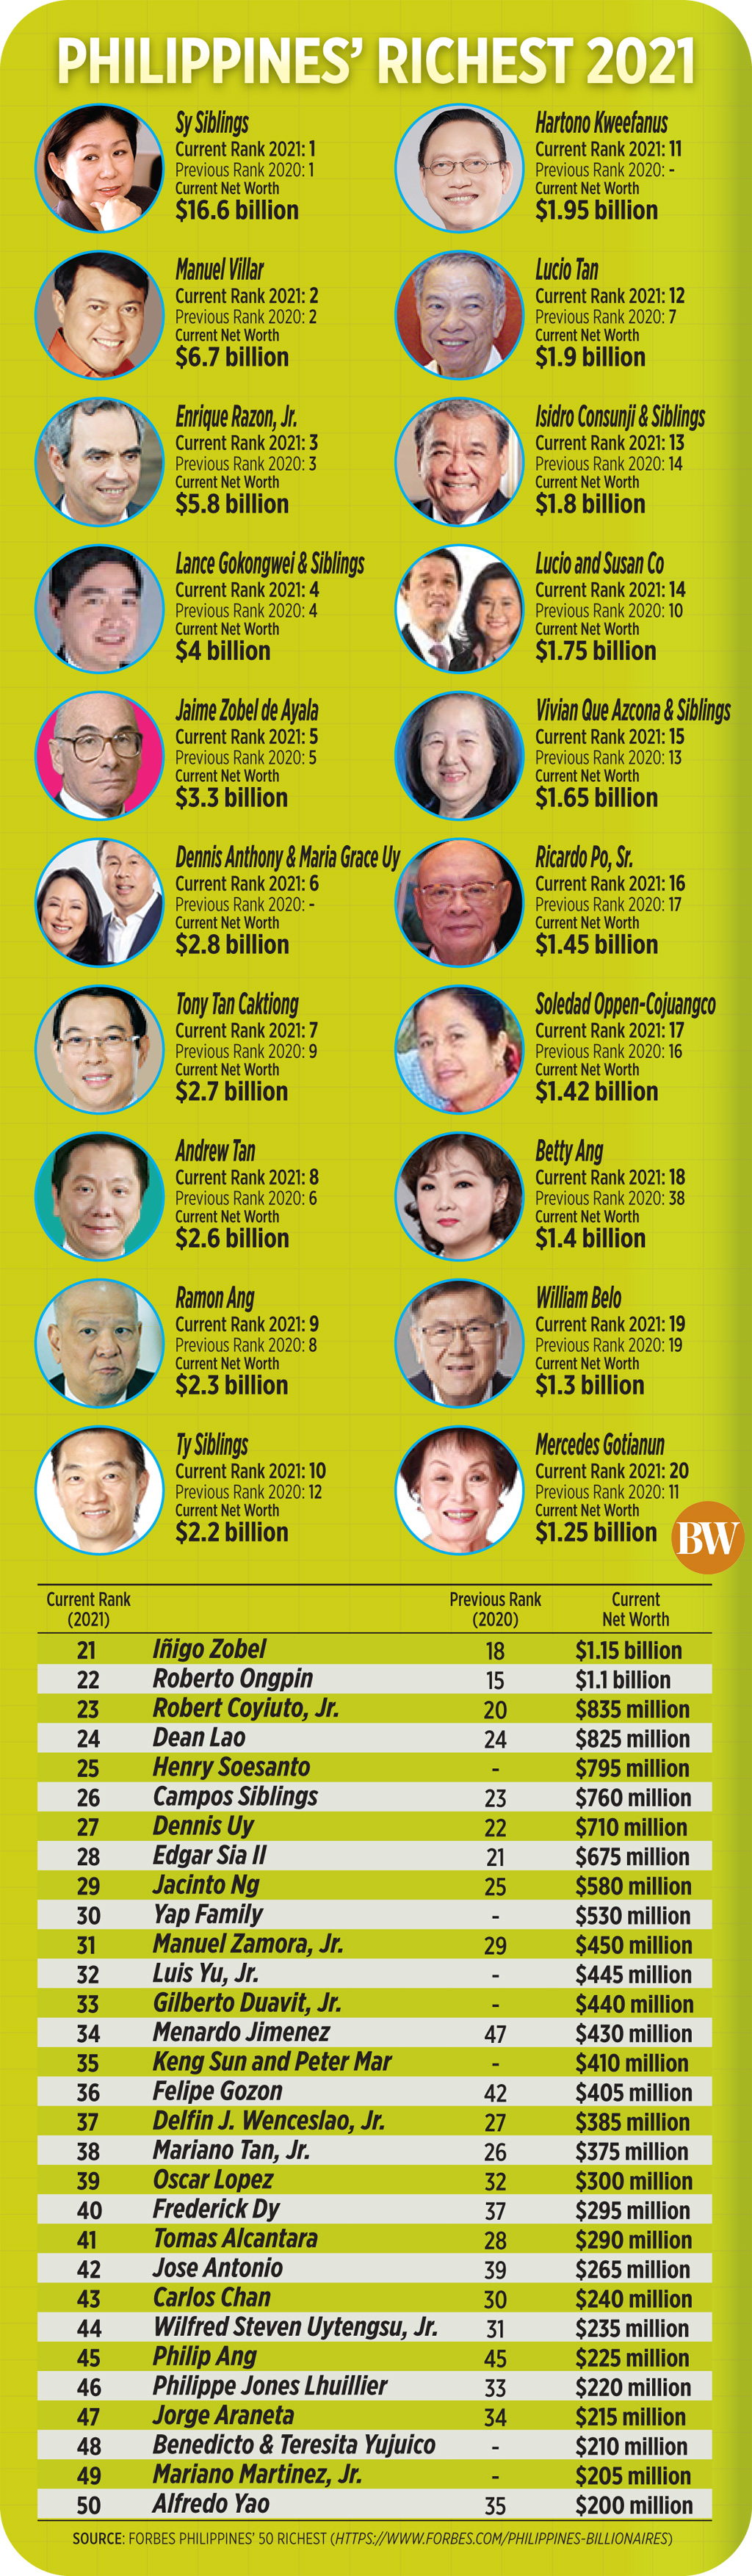 Philippines' richest 2021